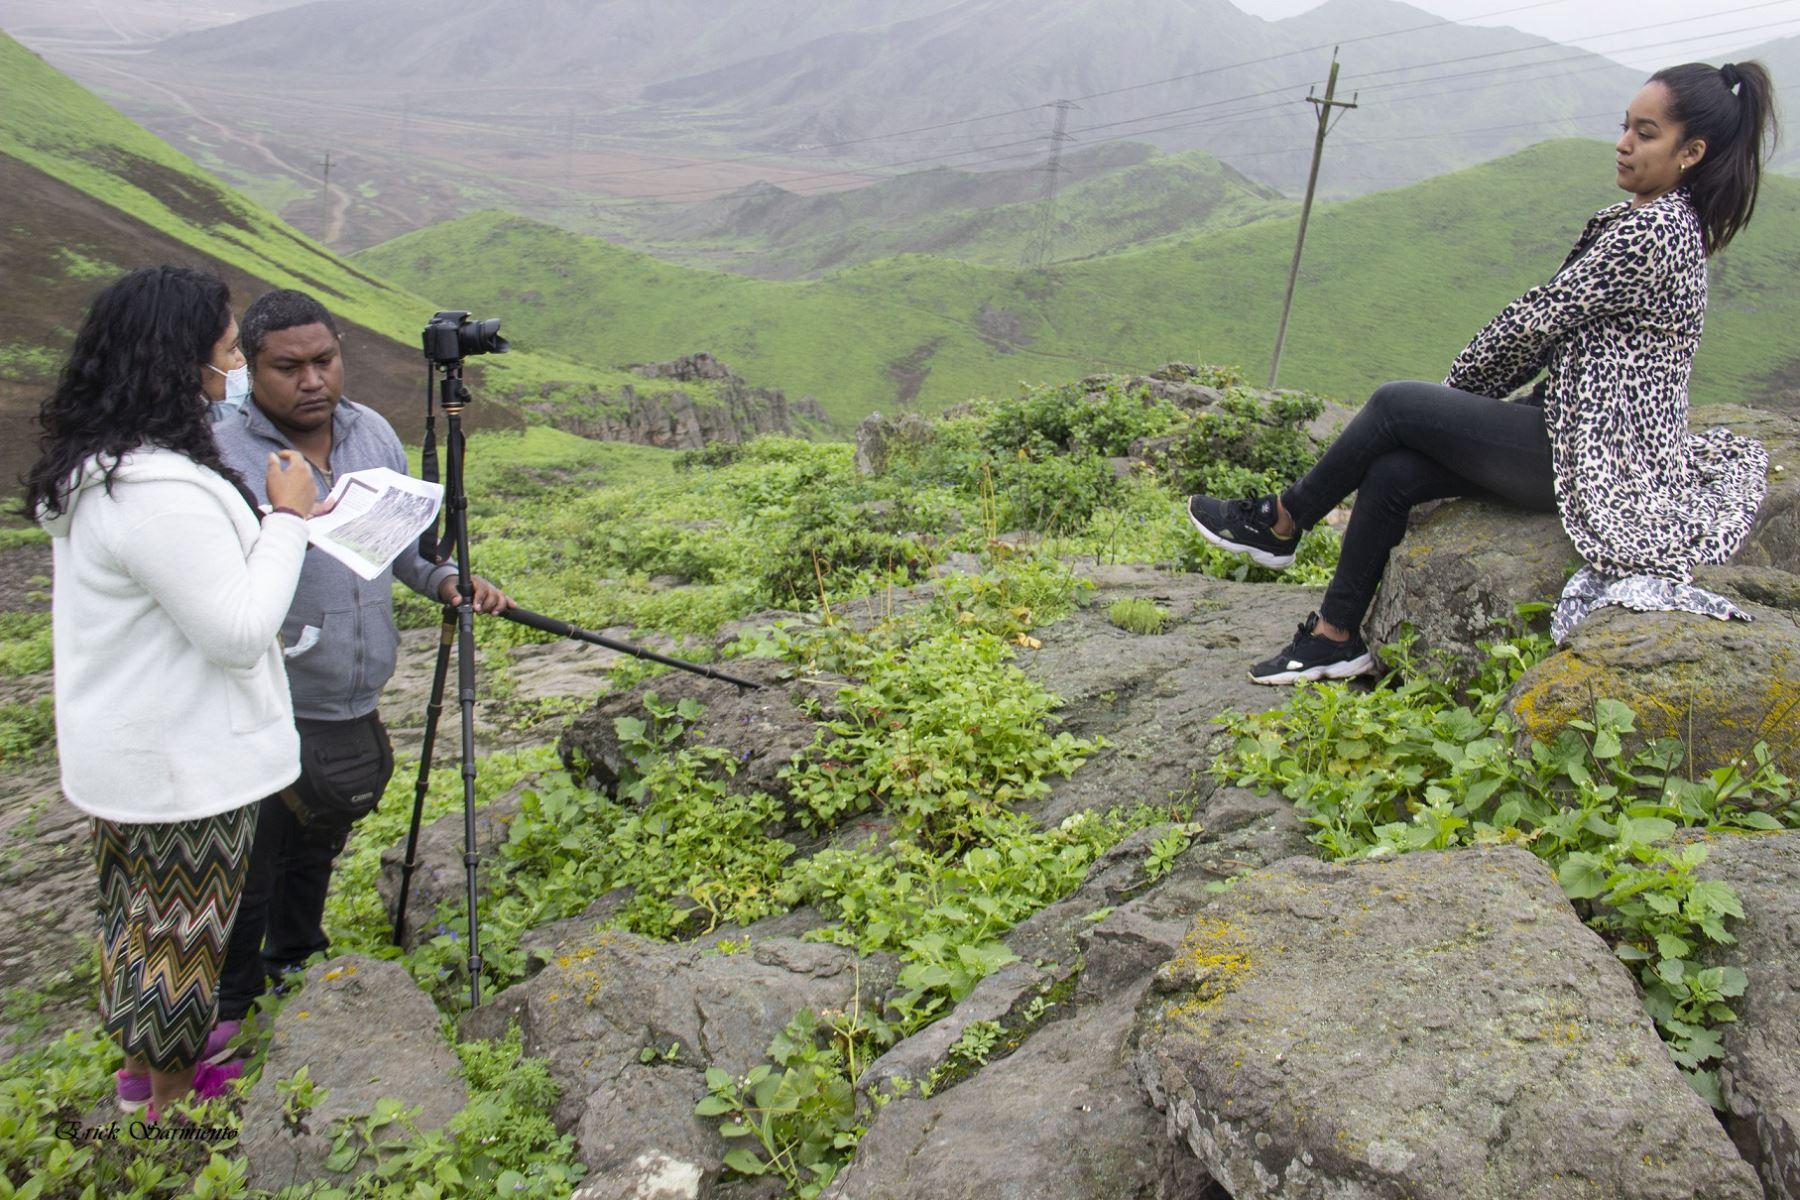 Adolescentes y jóvenes peruanas dan su visión del Bicentenario en cortometrajes